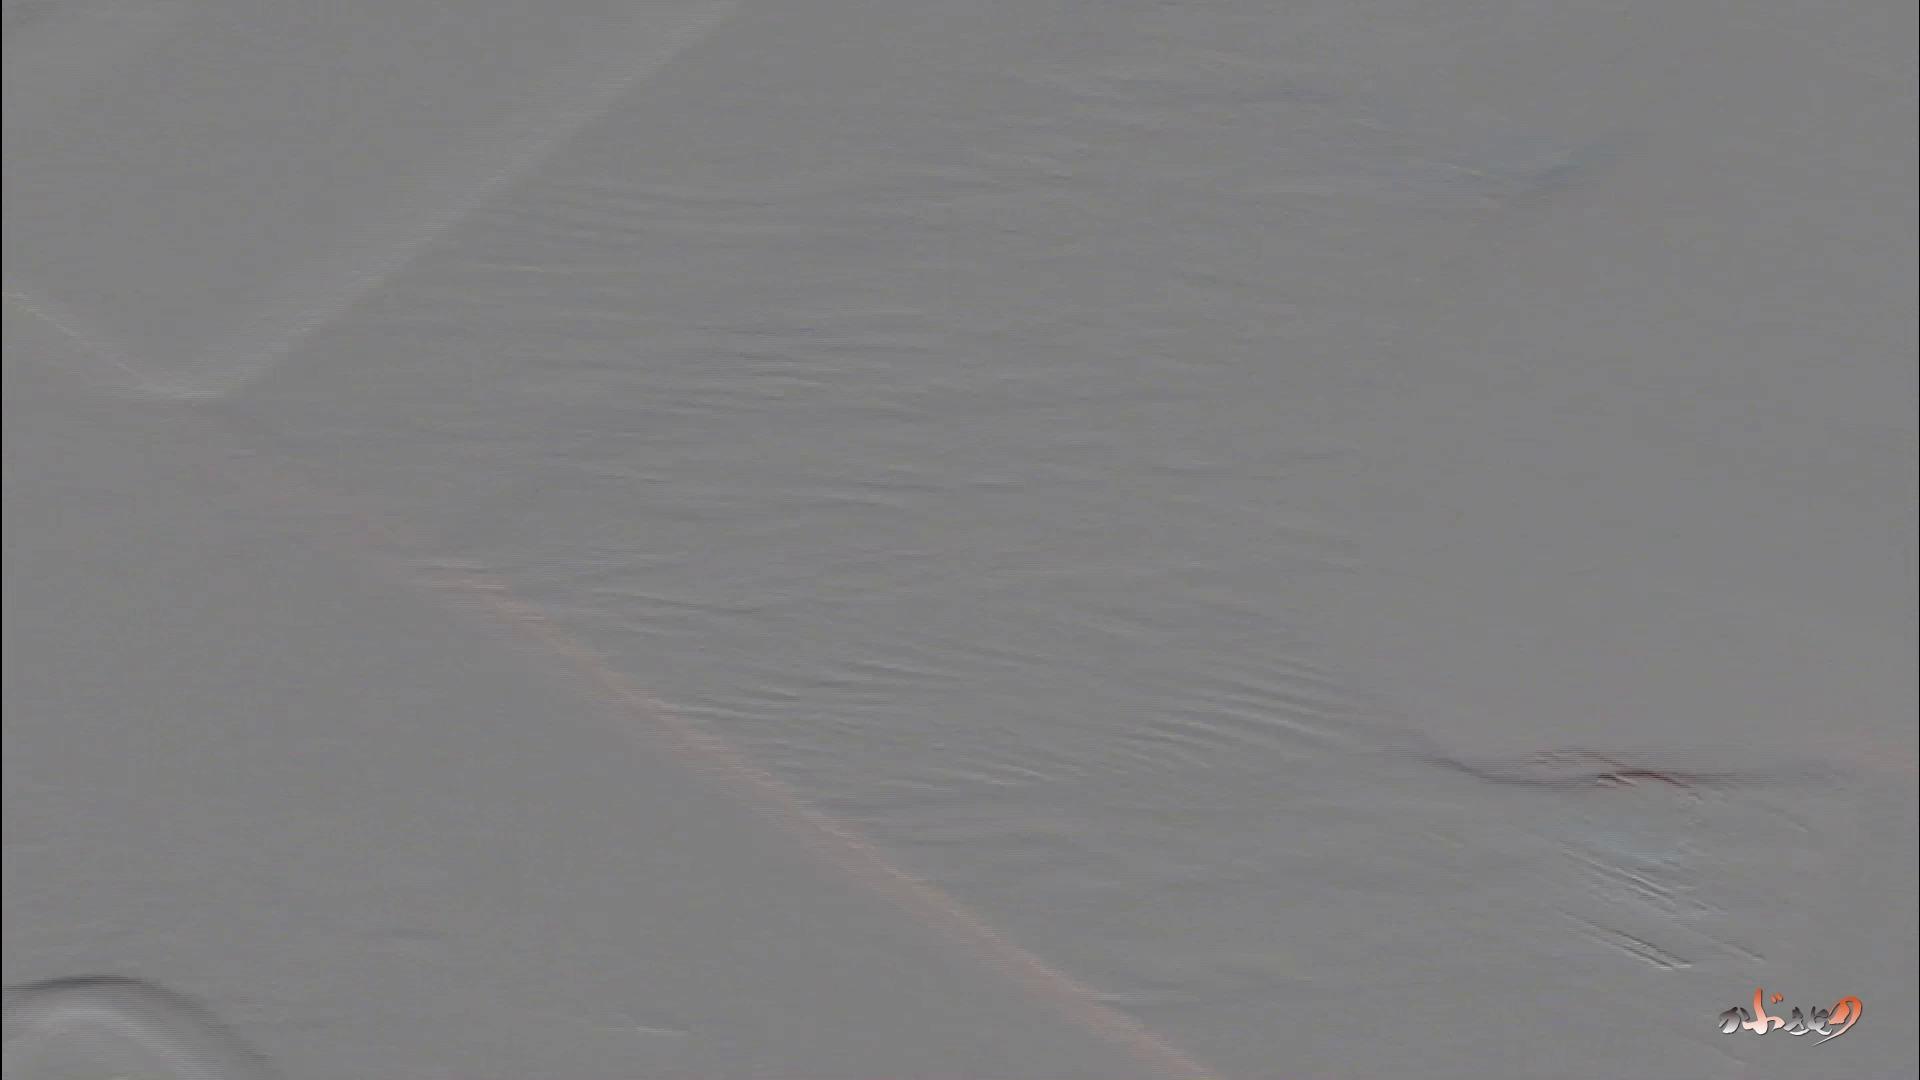 色情狂 「無料」サンプル01 高画質 オマンコ無修正動画無料 110画像 82